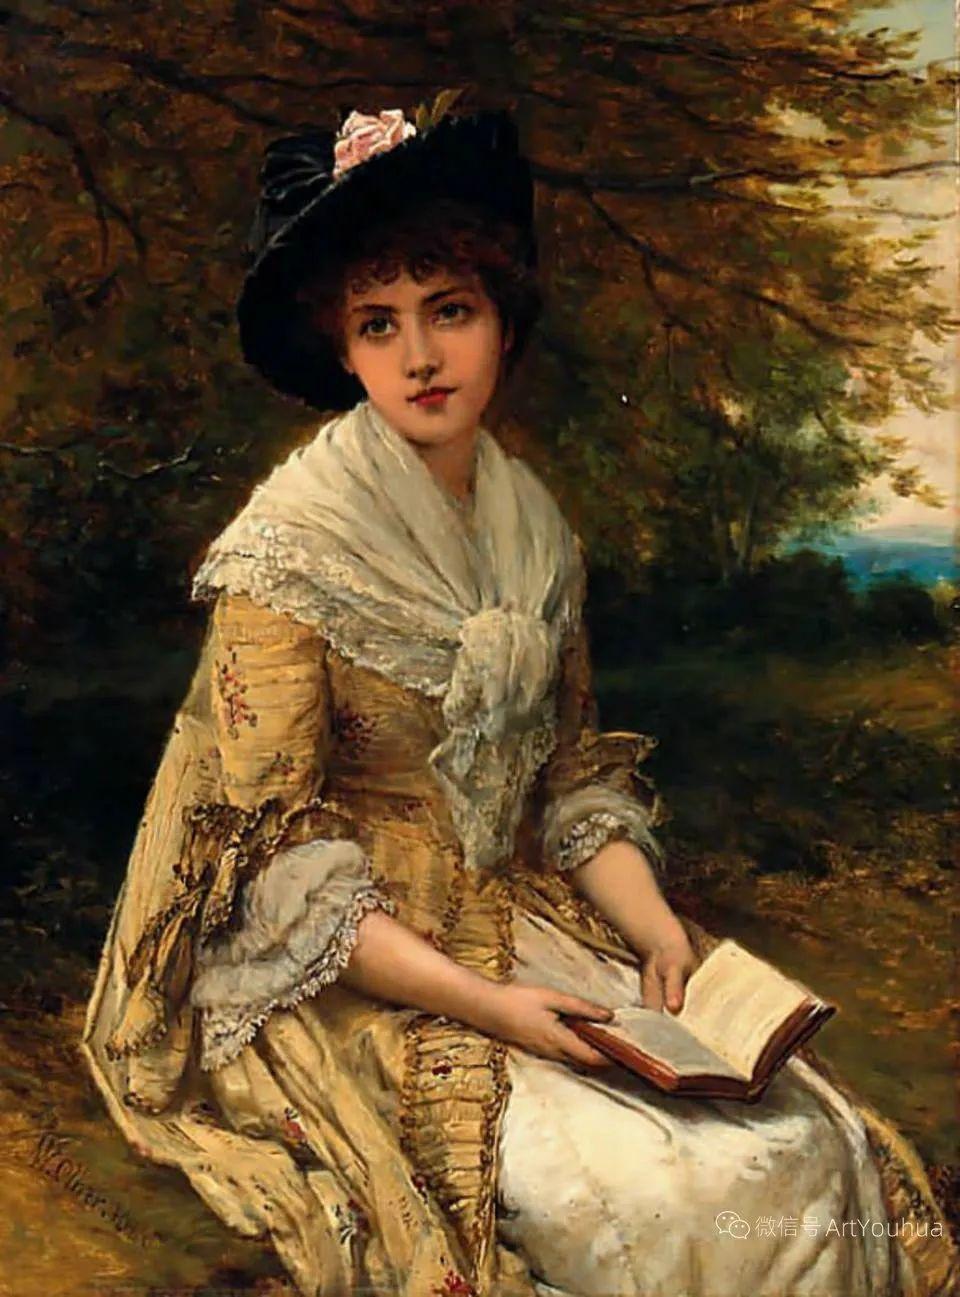 纯情与美丽,英国画家威廉·奥利弗作品选插图25